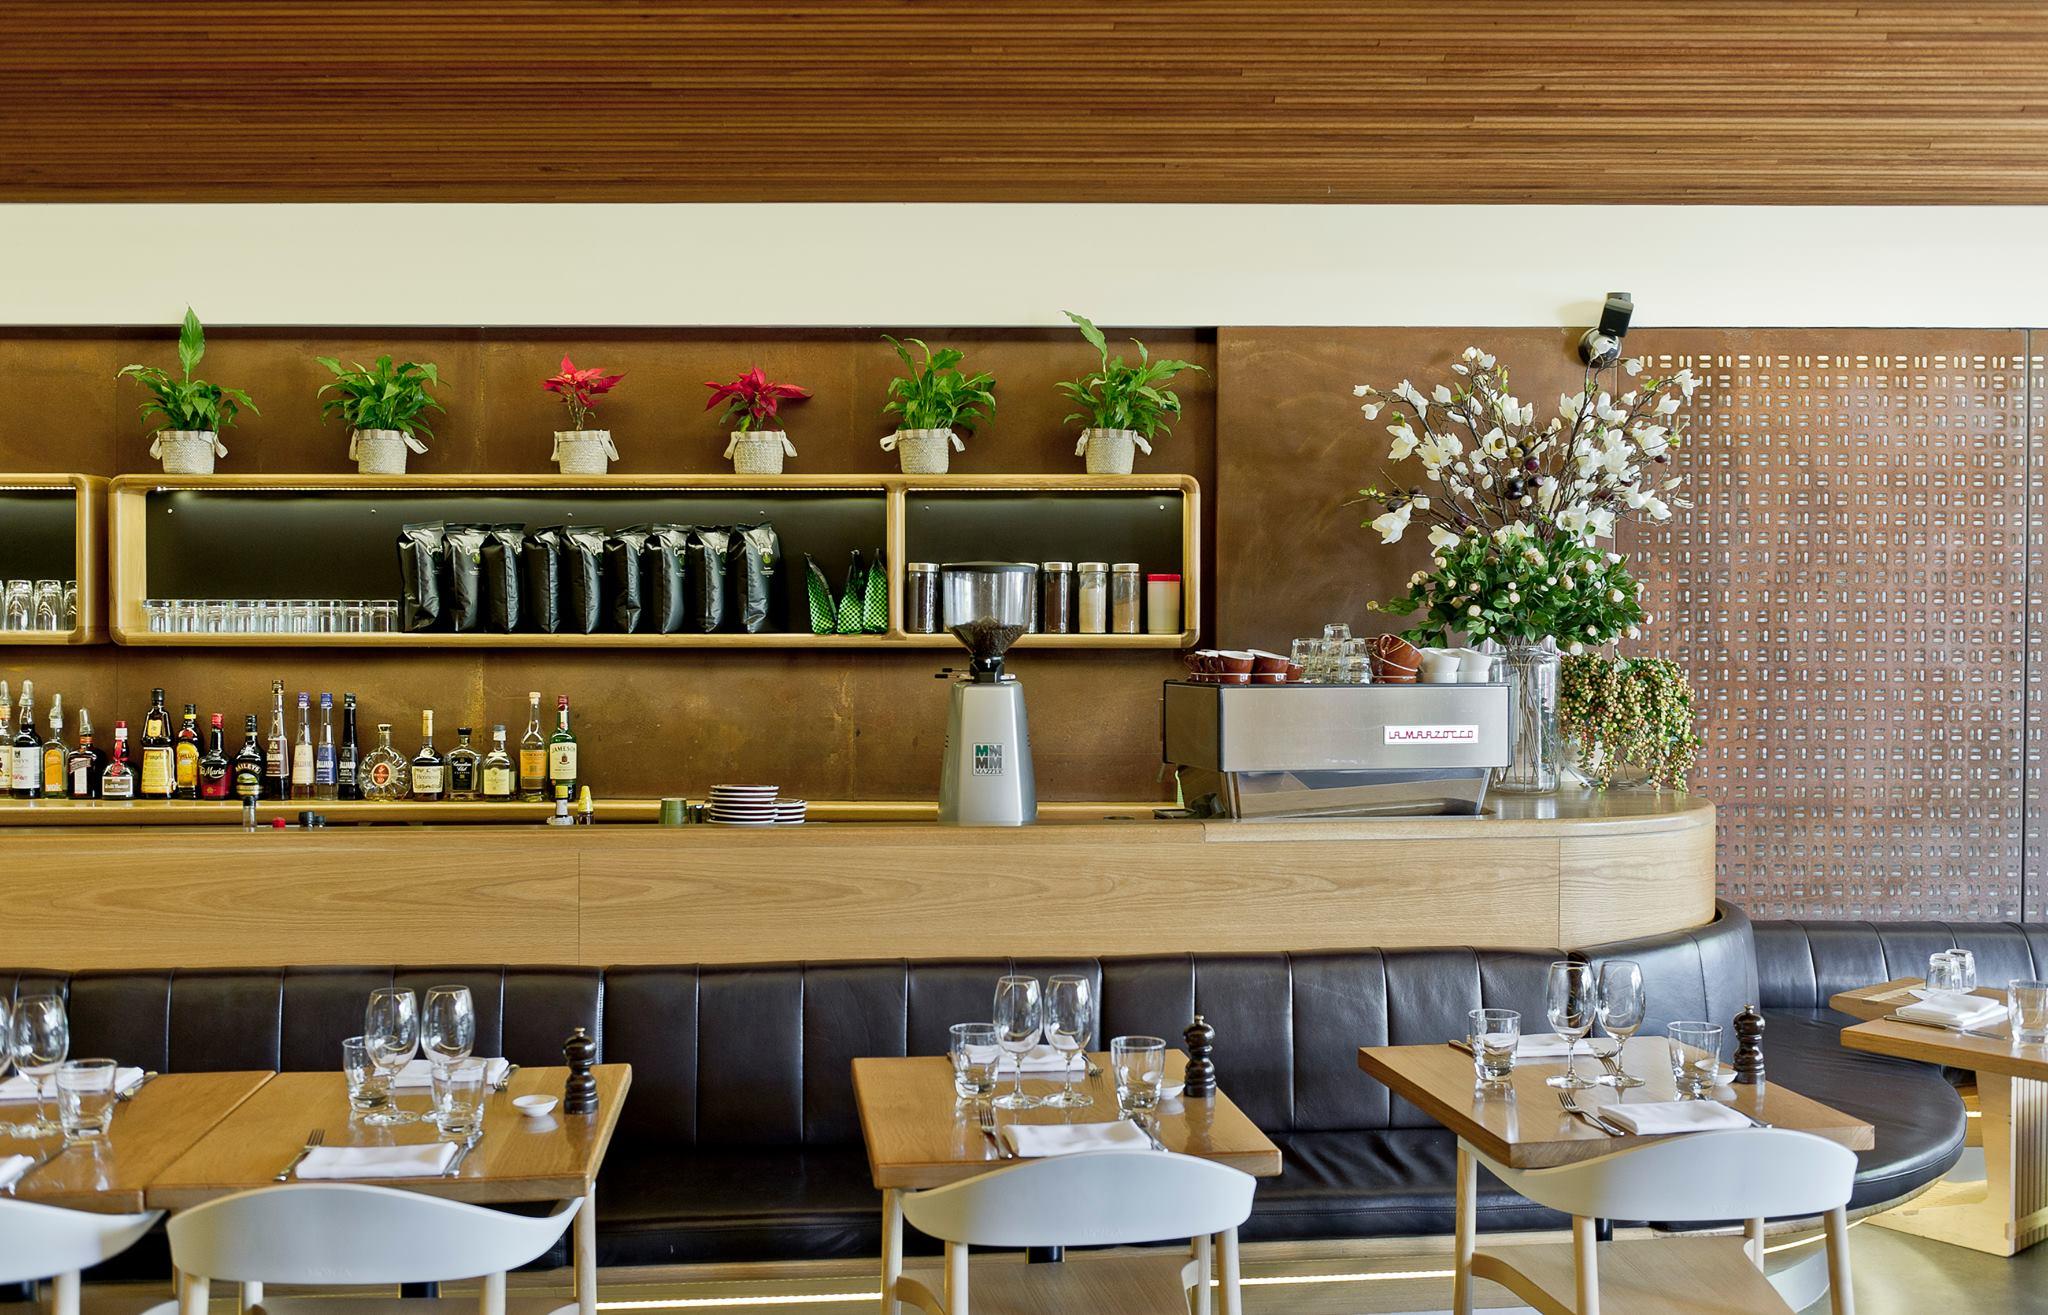 Image courtesy of Woodland Kitchen & Bar.